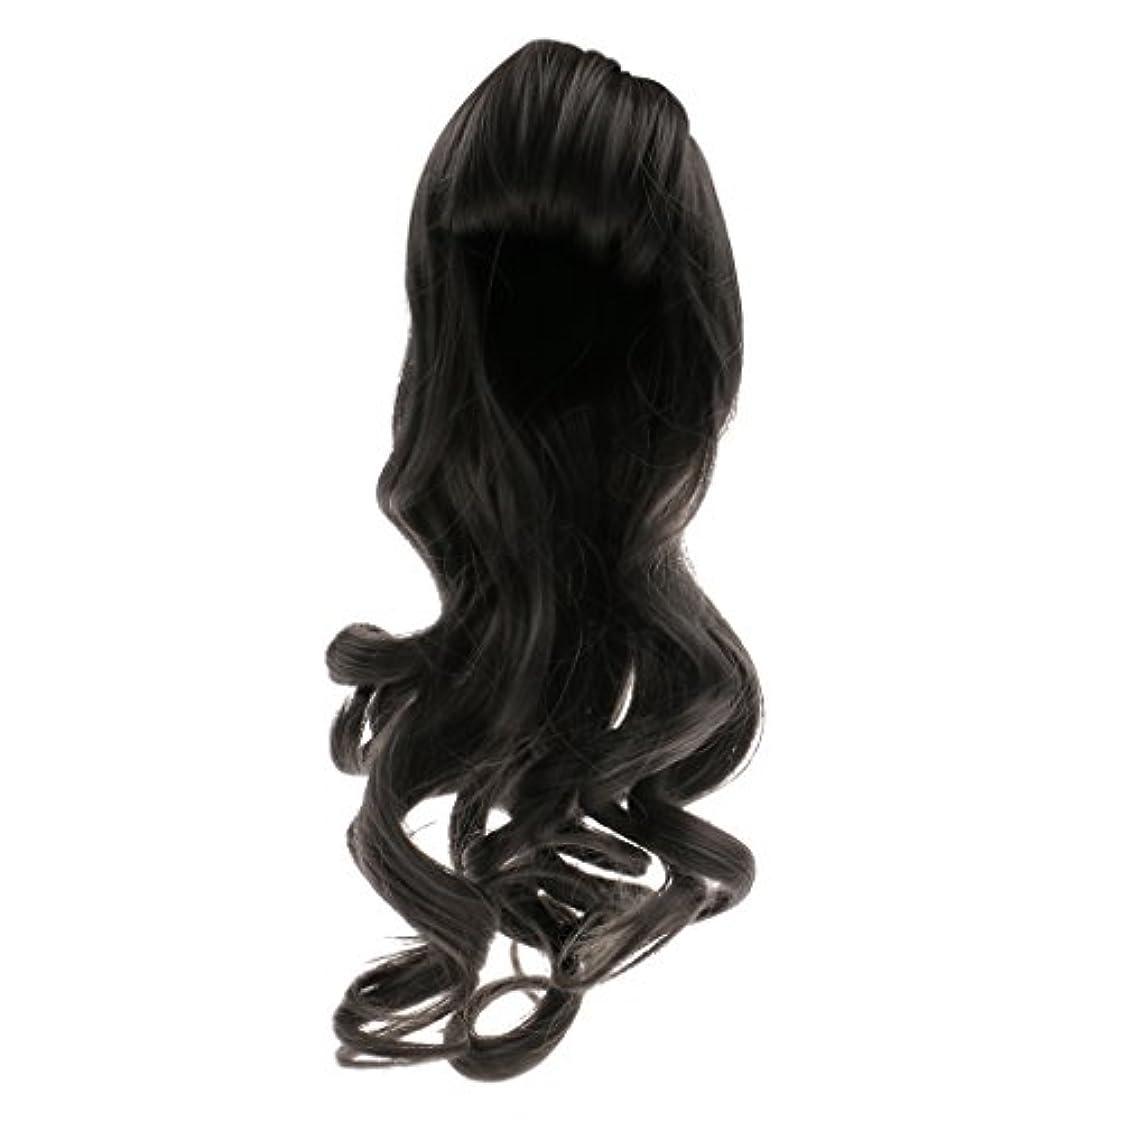 トマトに慣れ蒸し器Blesiya 人形用 ドールウィッグ かつら 巻き毛 波状髪 セクシー 前髪 ブライス人形適用 全6色選べ  - #1